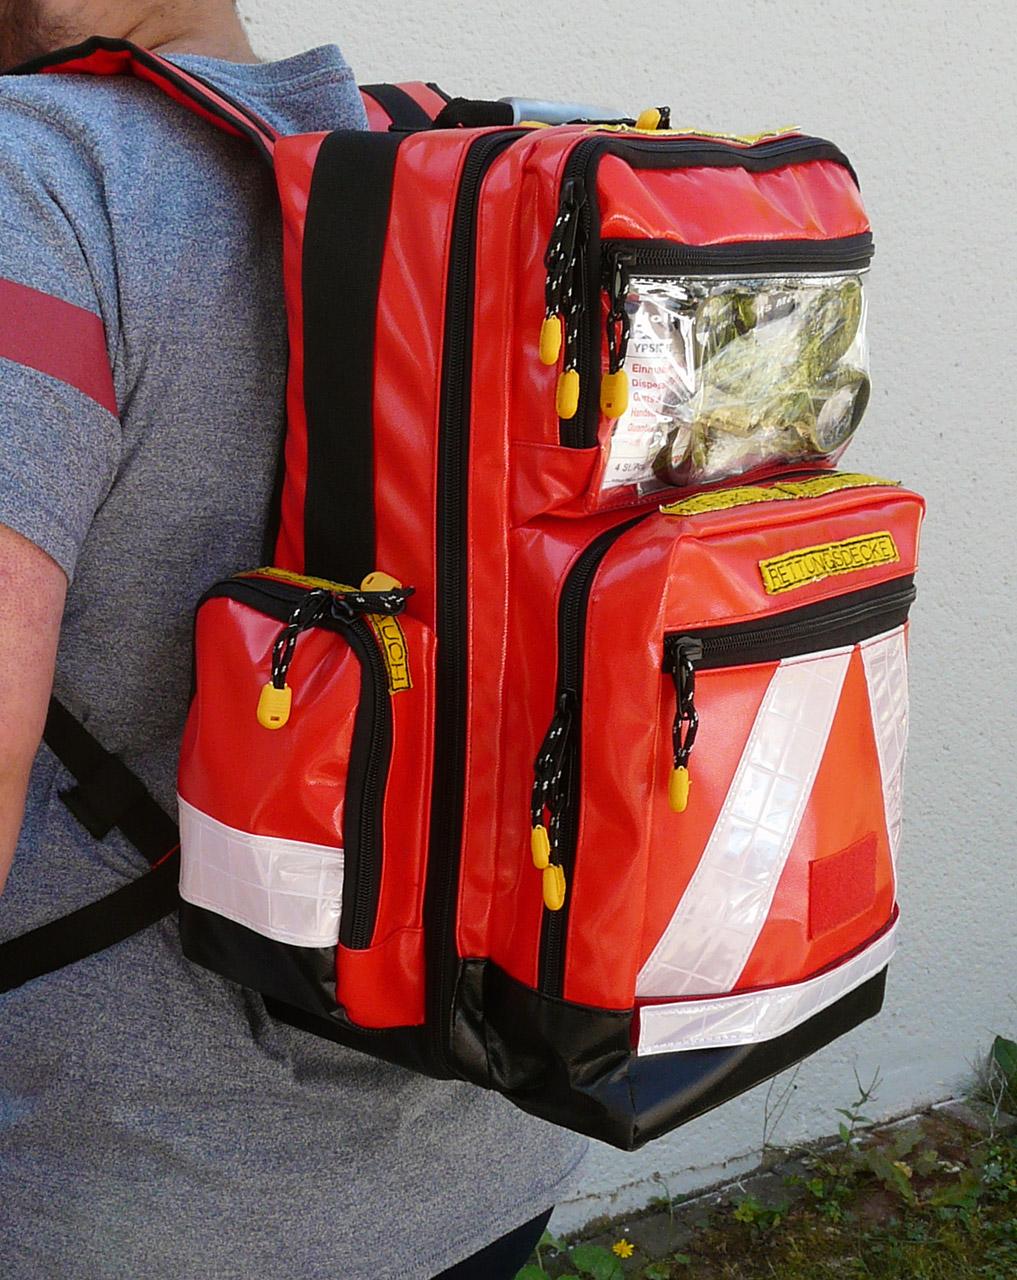 Feuerwehr_Notfallrucksack1